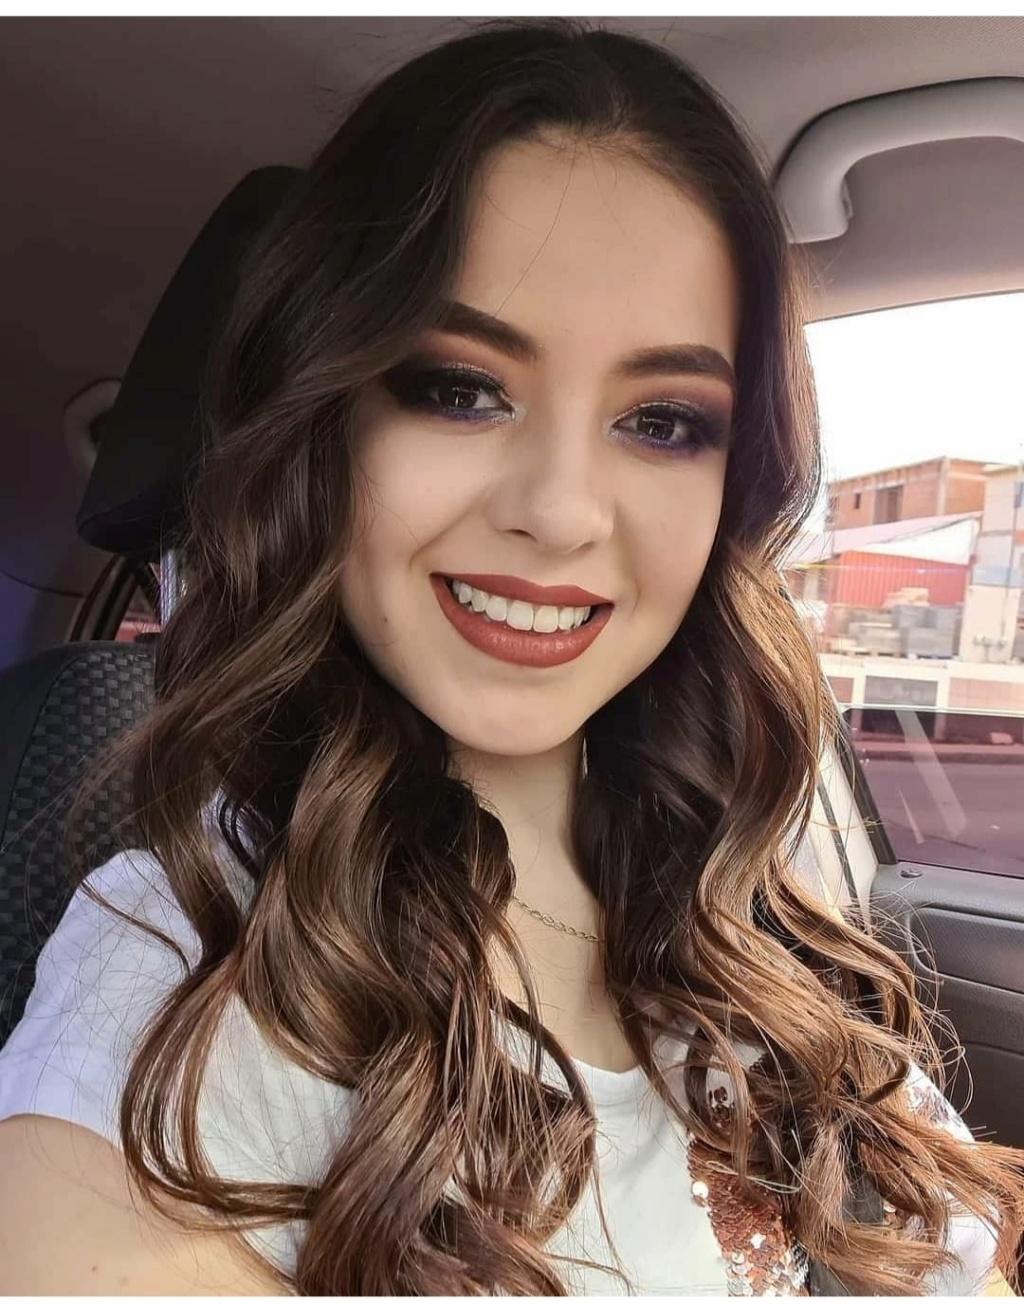 DEBATE sobre belleza, guapura y hermosura (fotos de chicas latinas, mestizas, y de todo) - VOL II - Página 2 Img_1545